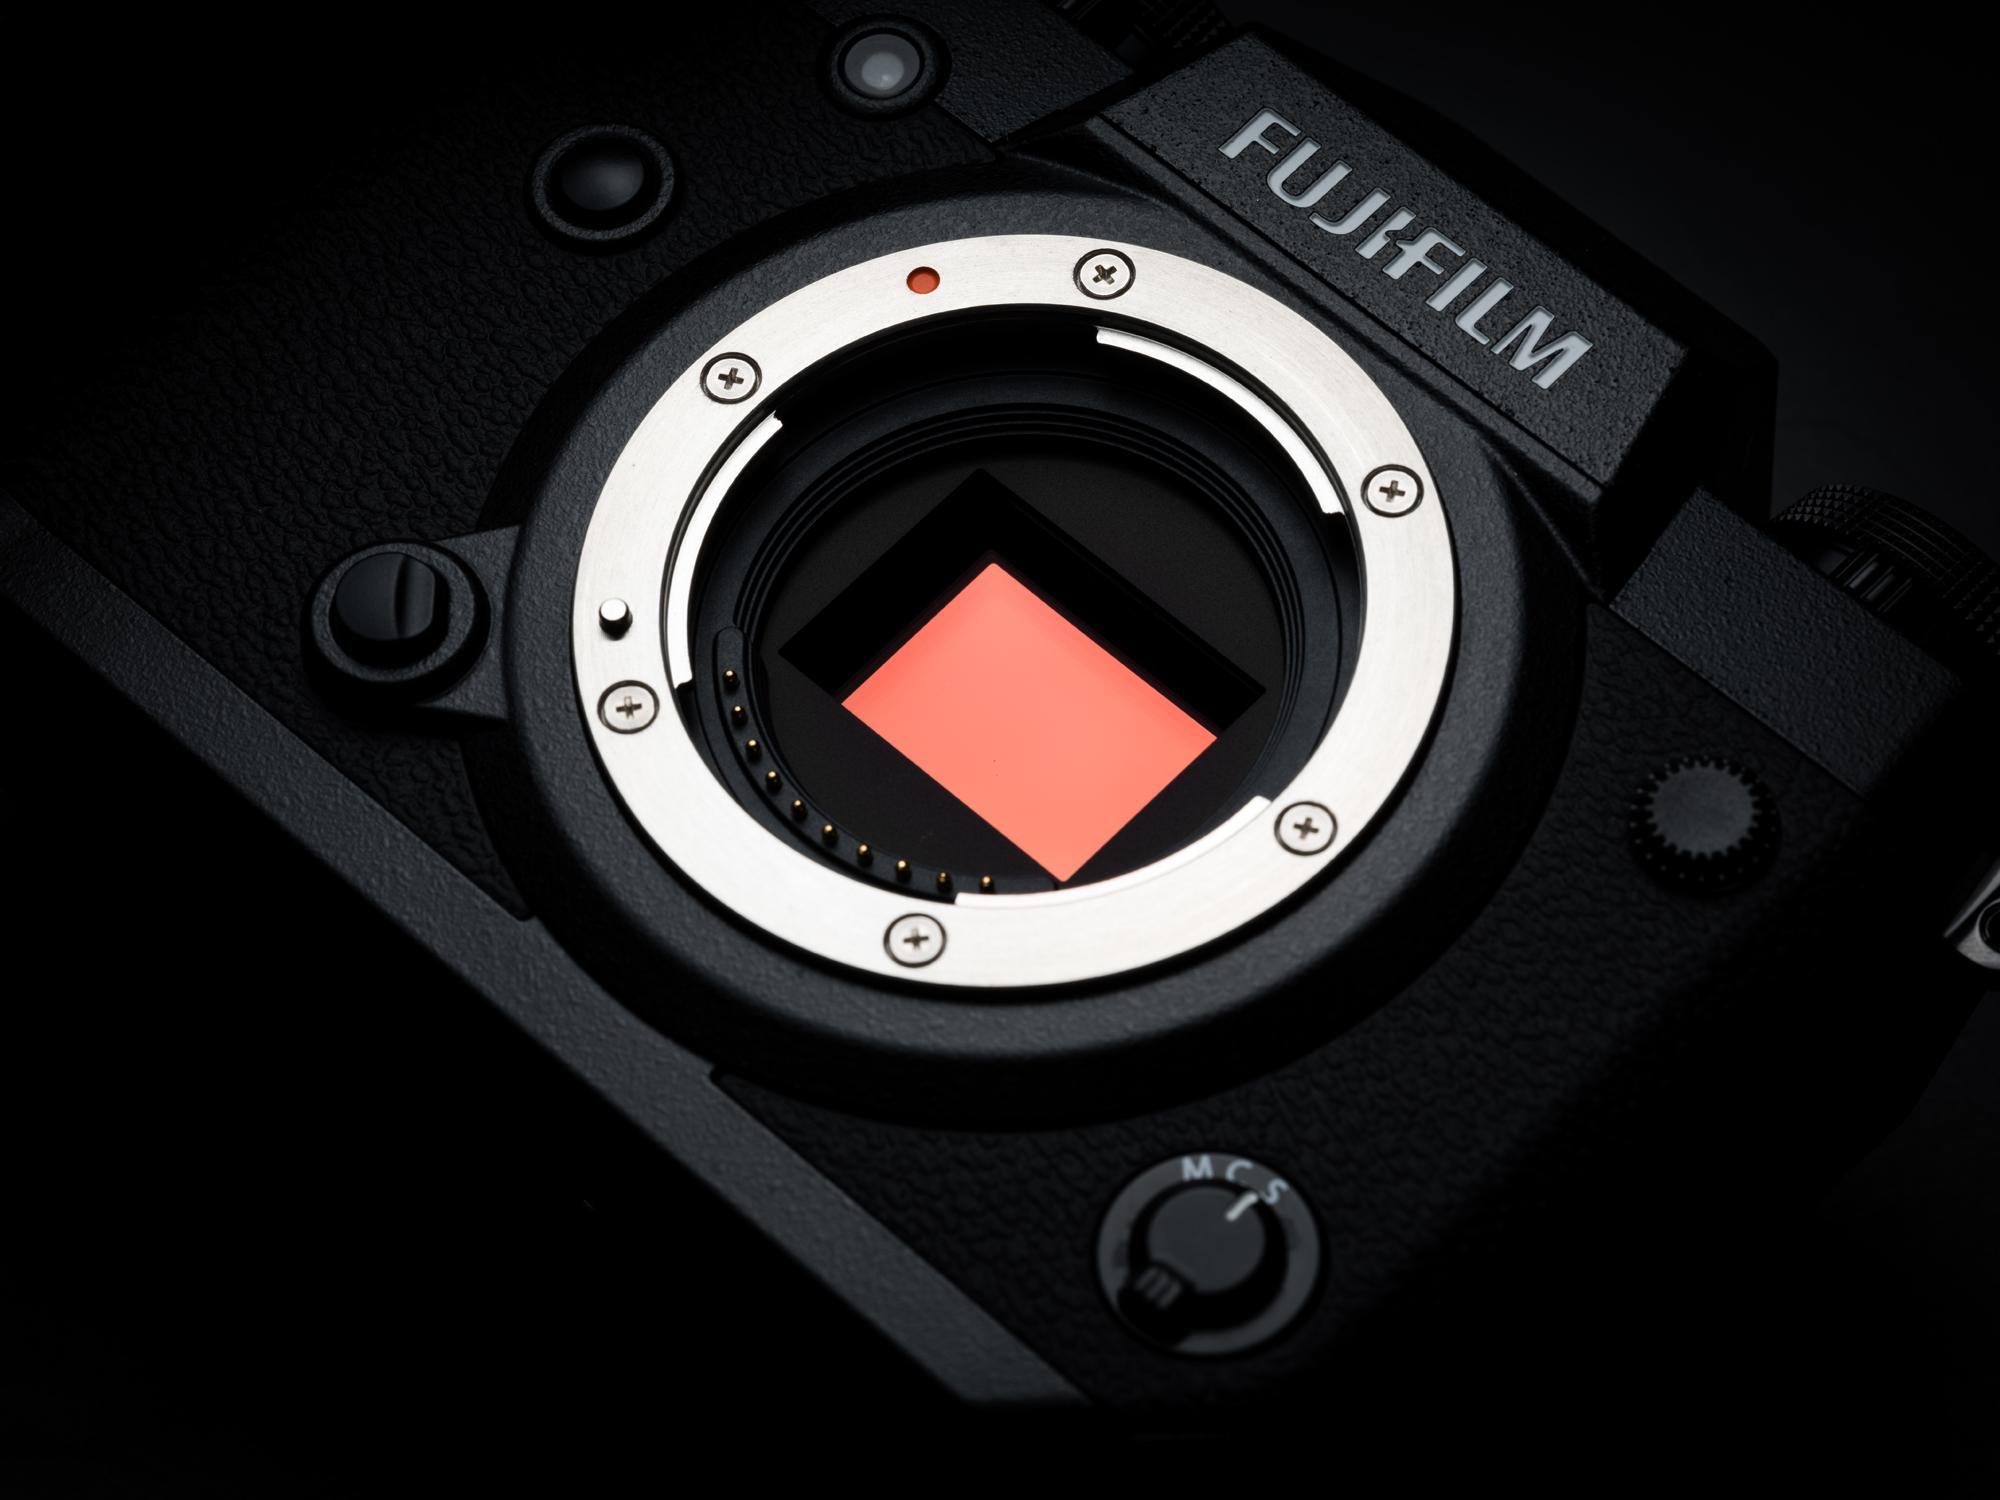 FUJI-TIP 19 (nastavení informací v hledáčku - elektronický horizont apod.)